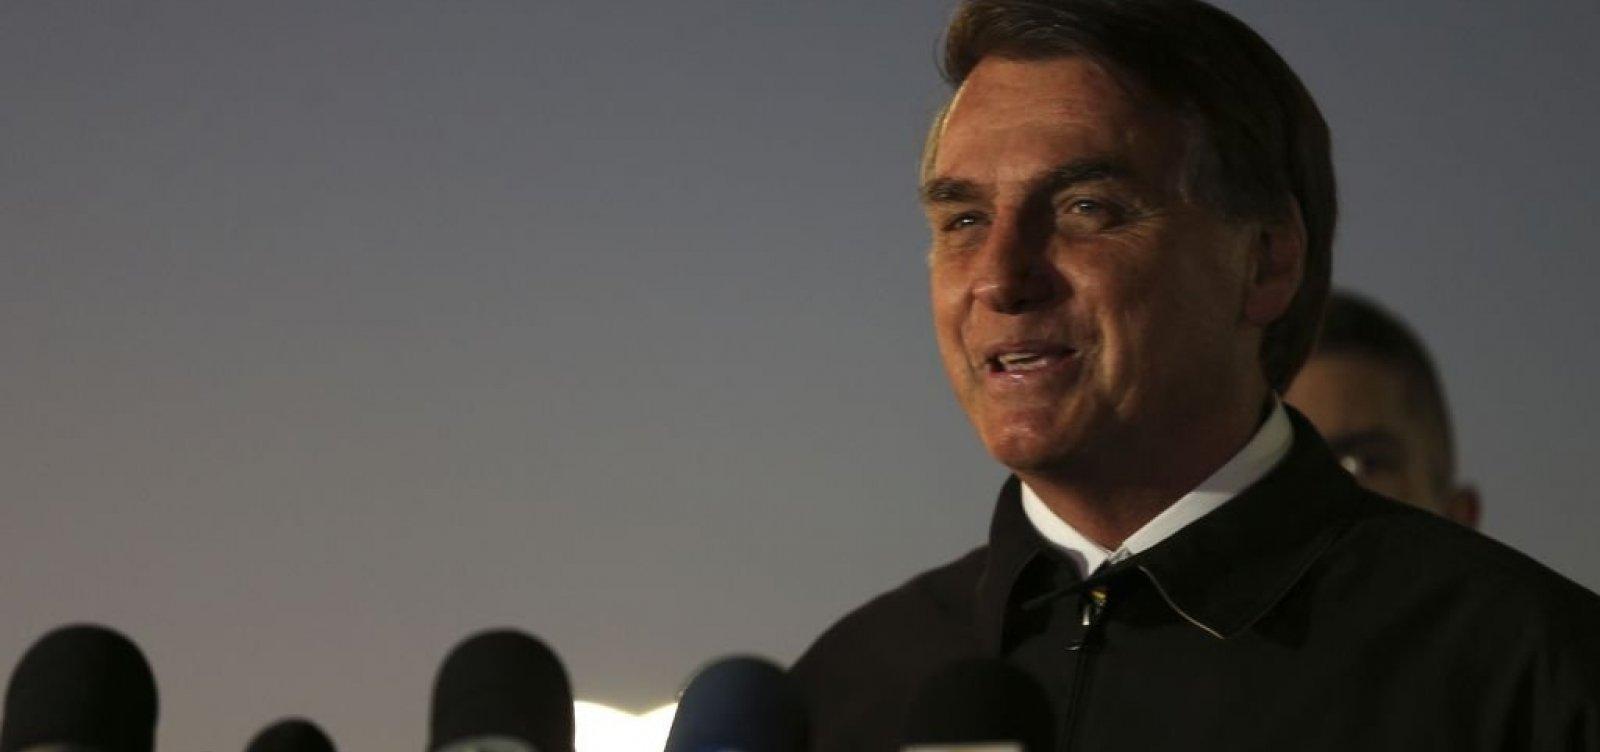 ['Não teremos outro dia como ontem, chega', diz Bolsonaro em recado ao STF]